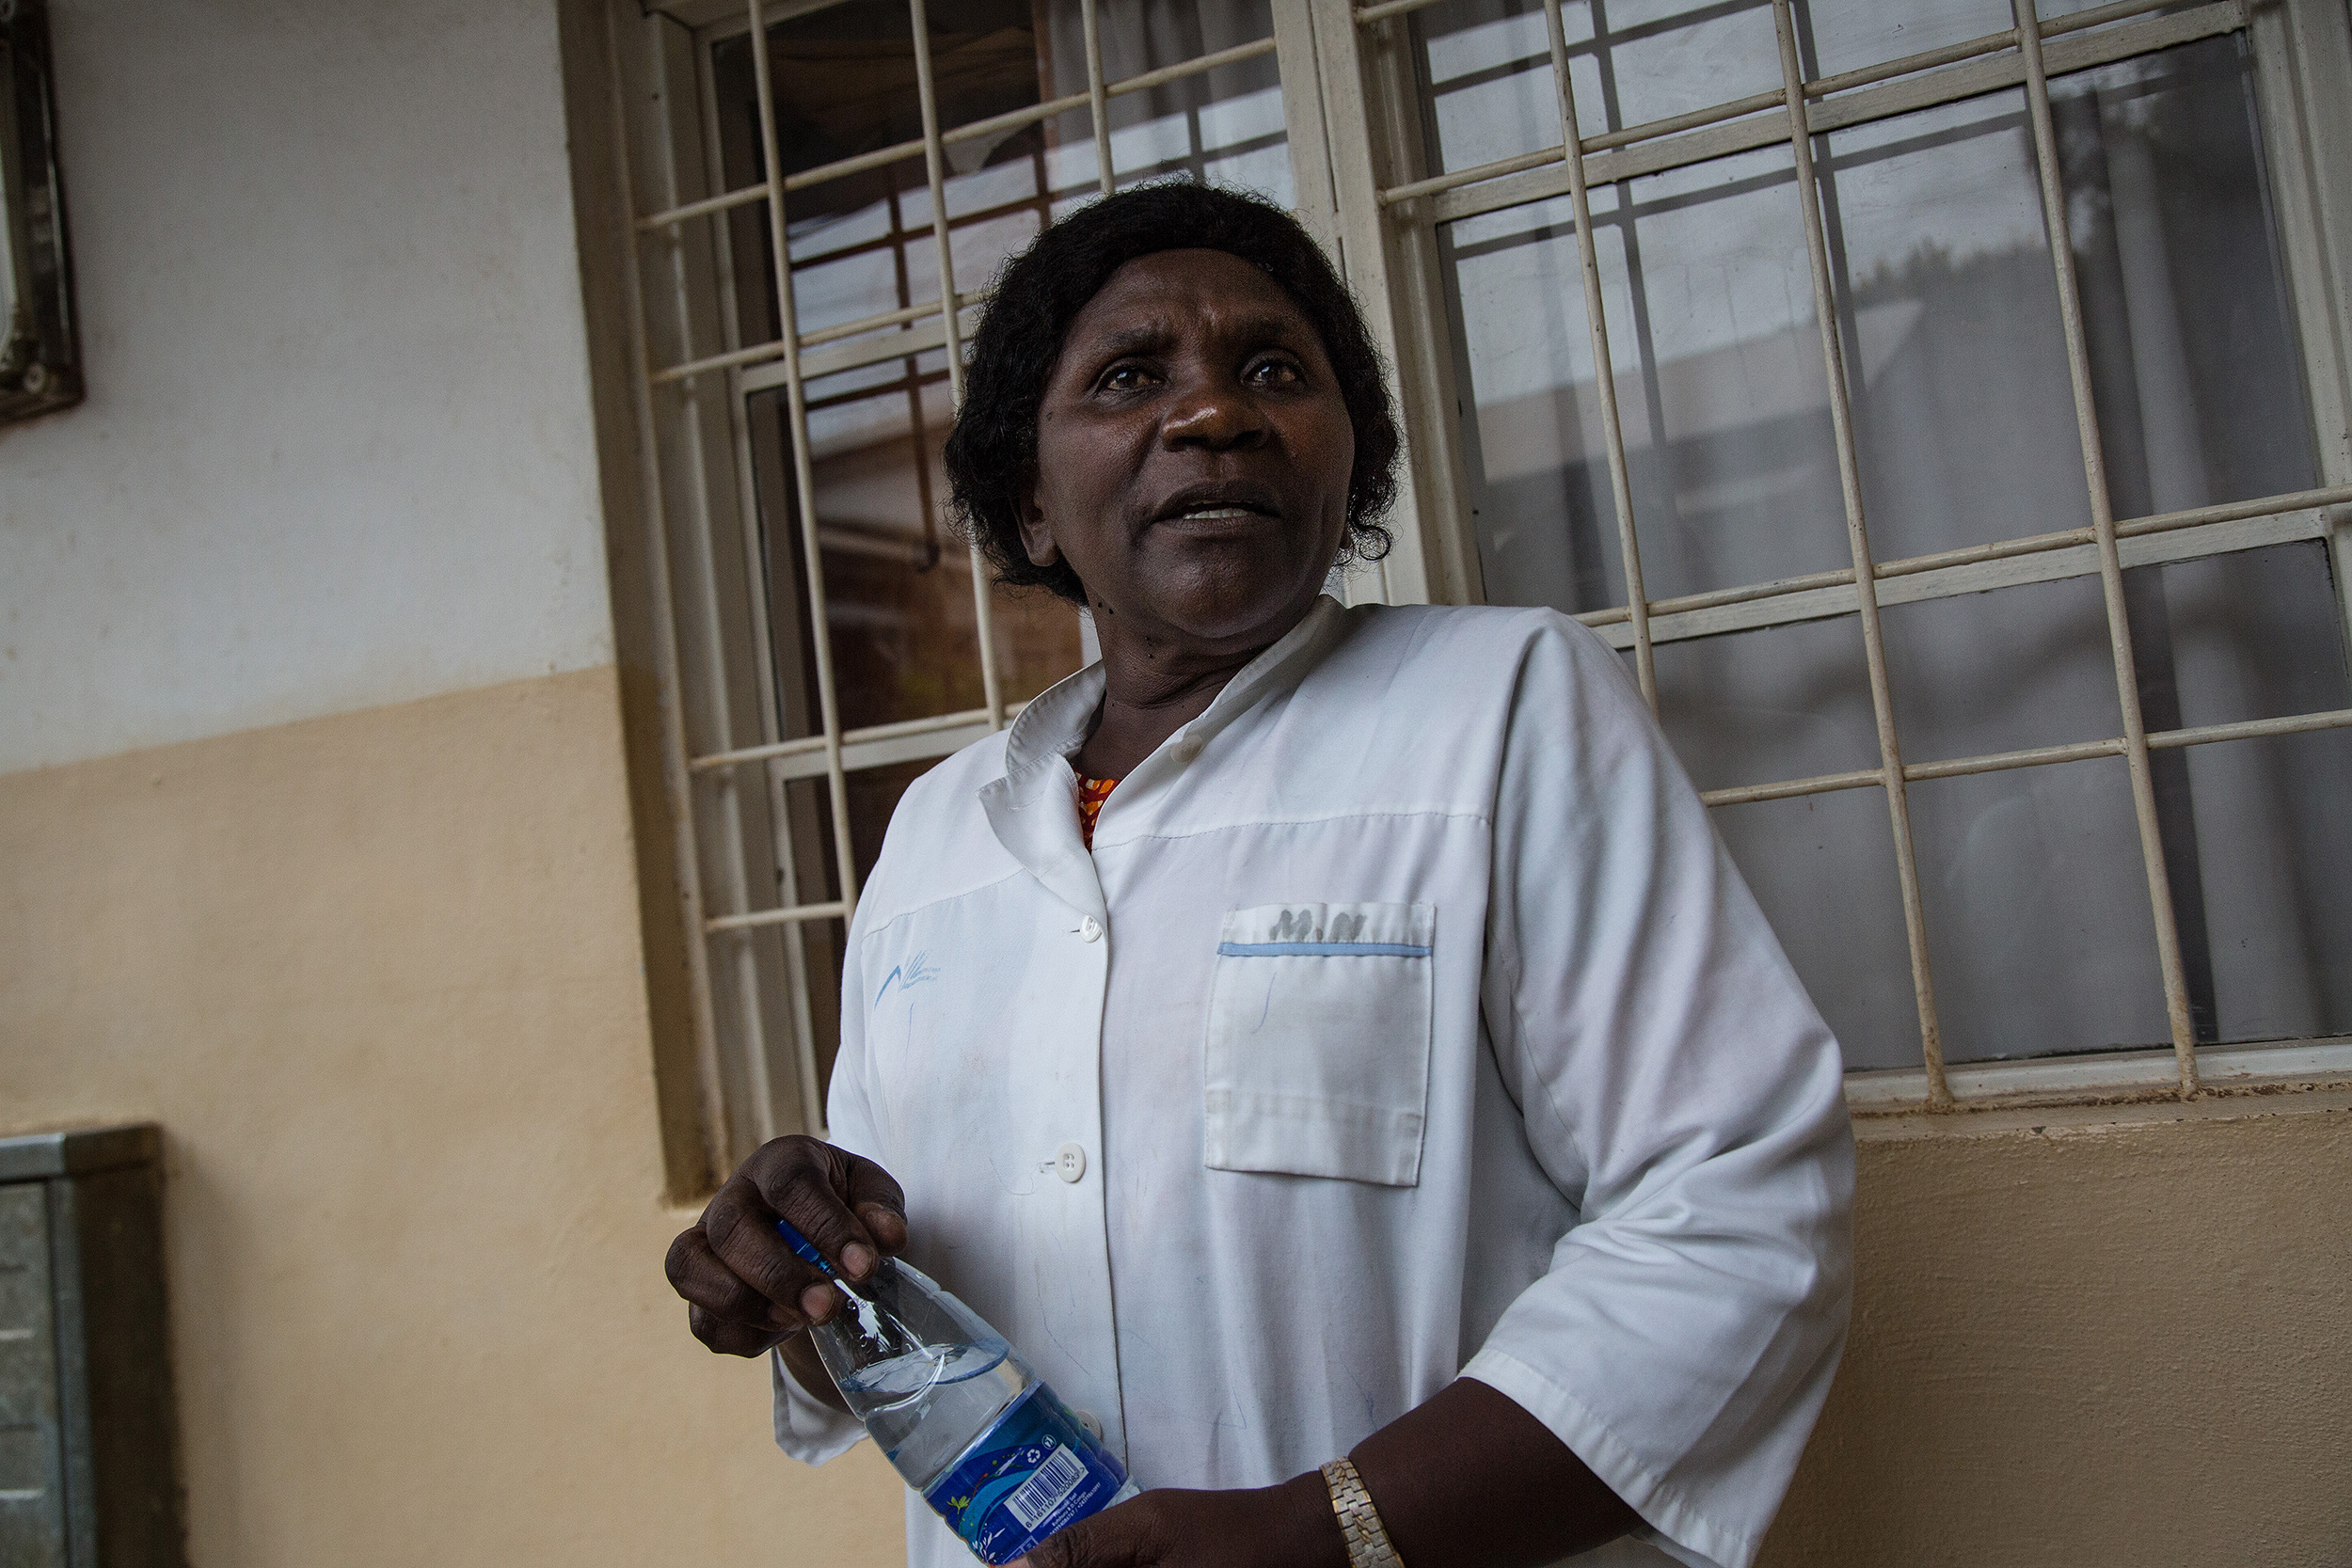 Plano medio de Esther, delante de una ventana del hospital, mientras habla a la cámara.